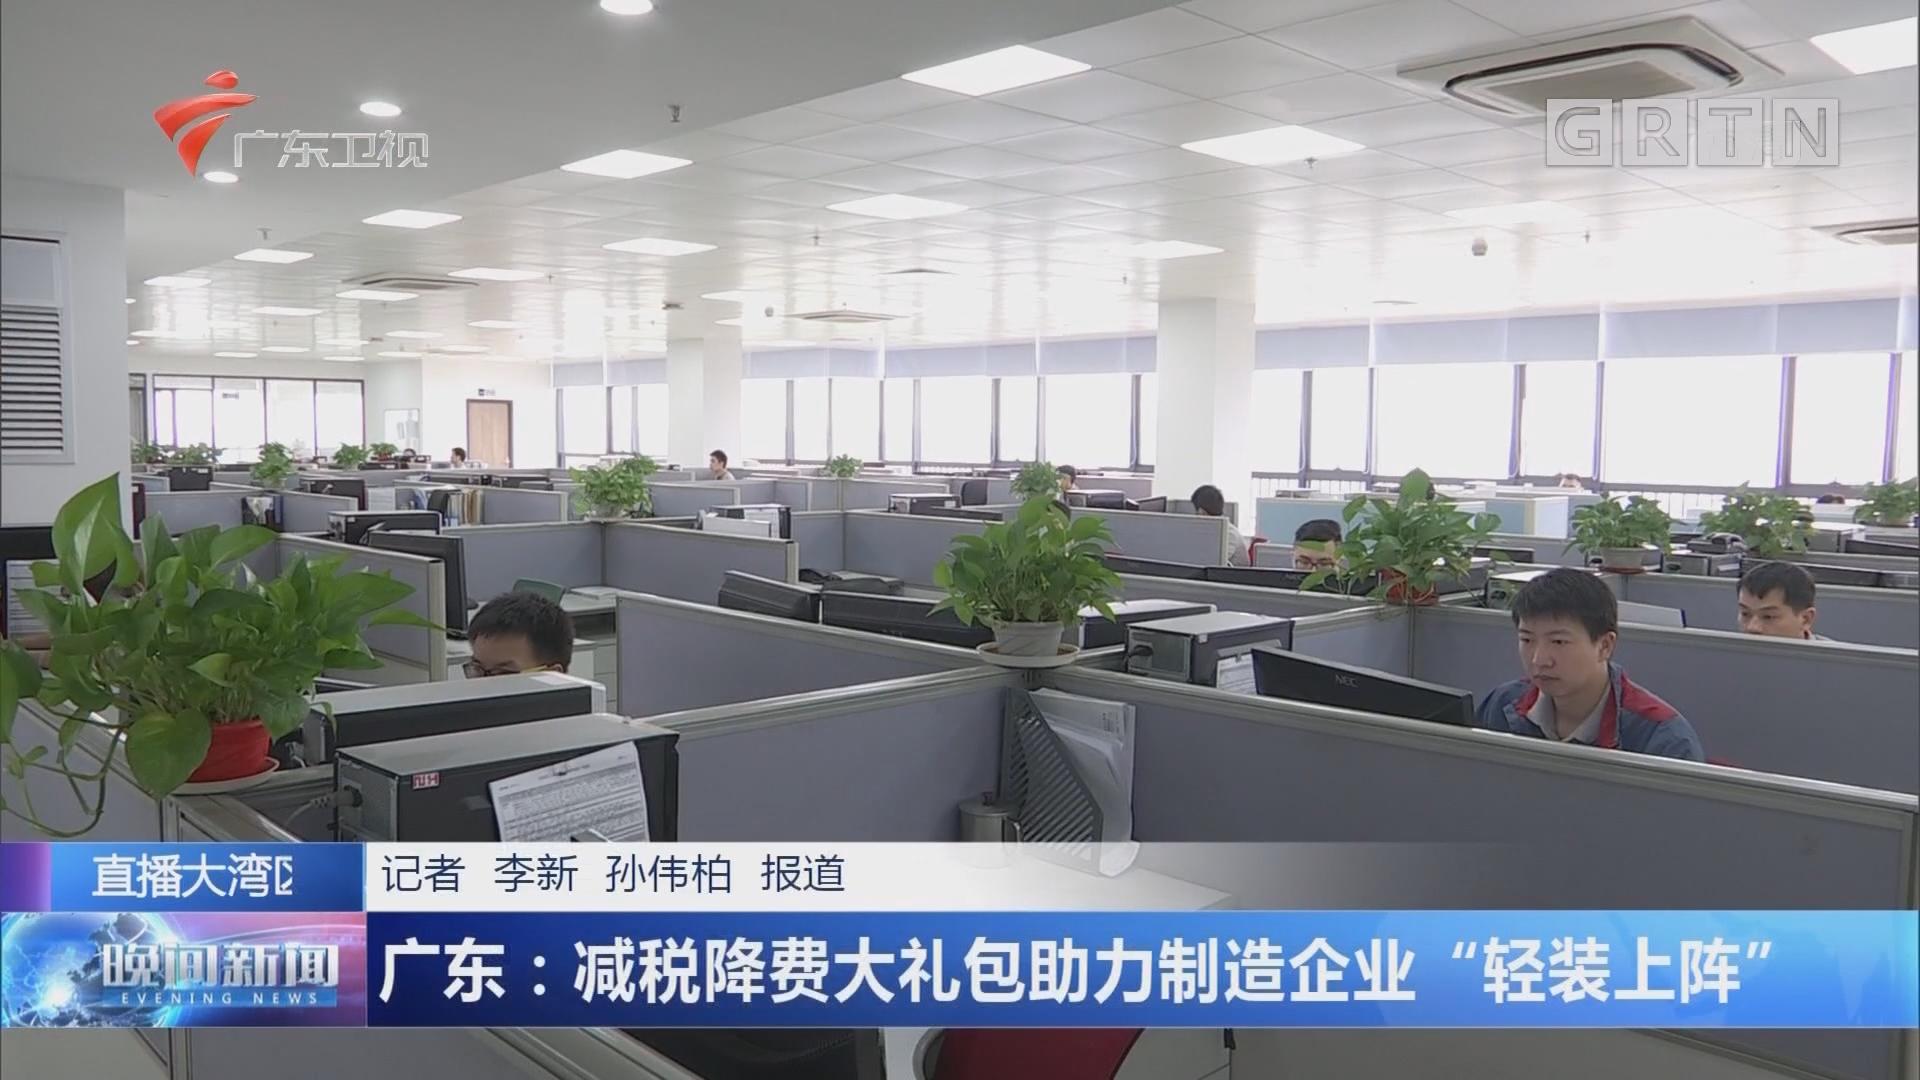 """广东:减税降费大礼包助力制造企业""""轻装上阵"""""""